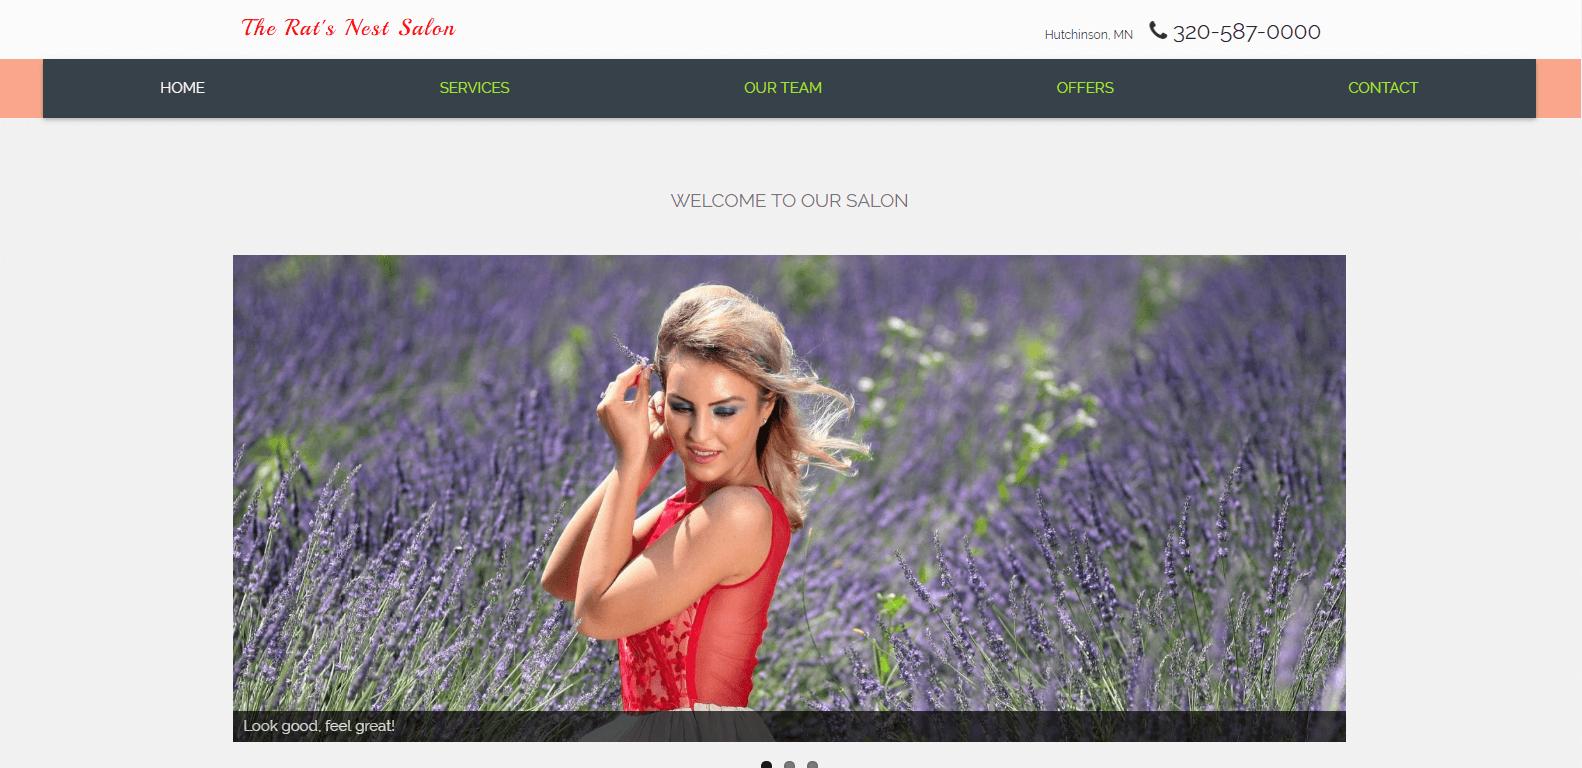 salon site example by Saranya Moellers